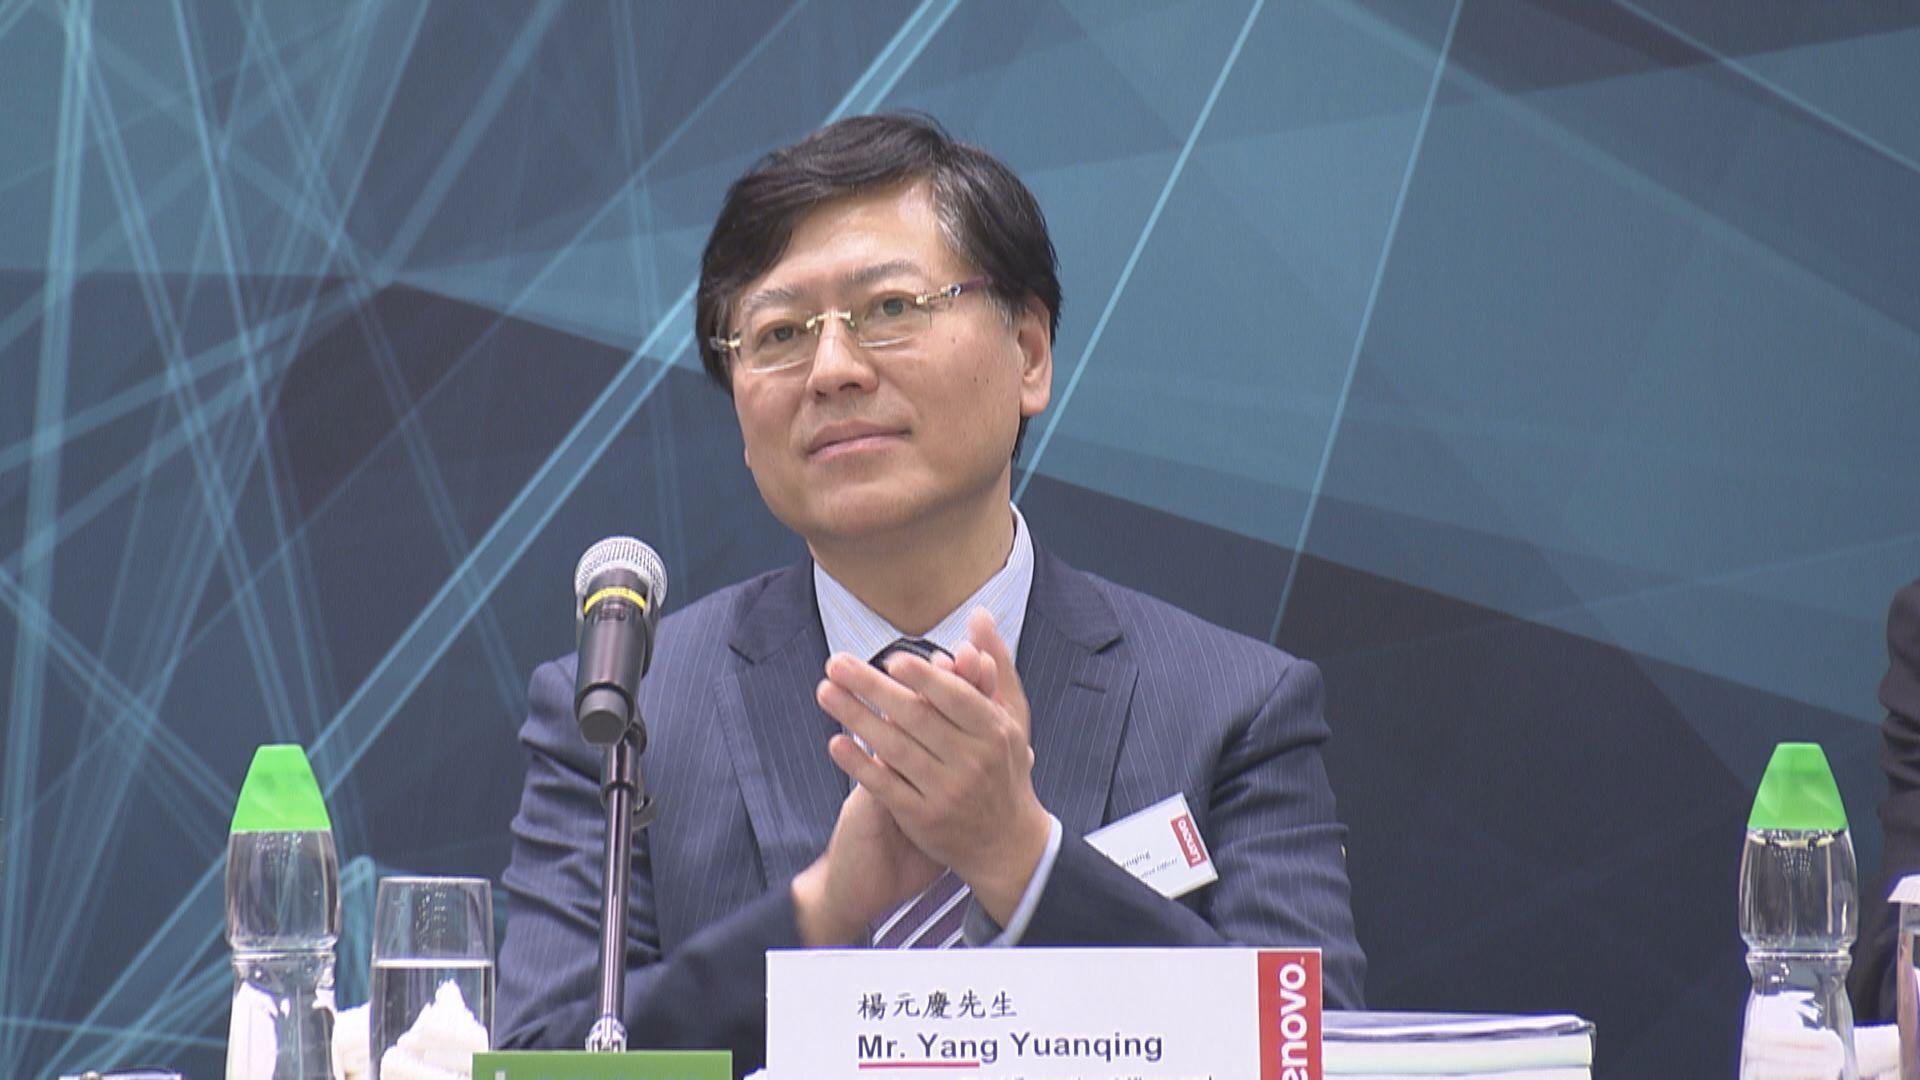 聯想楊元慶:把握疫情帶來機遇